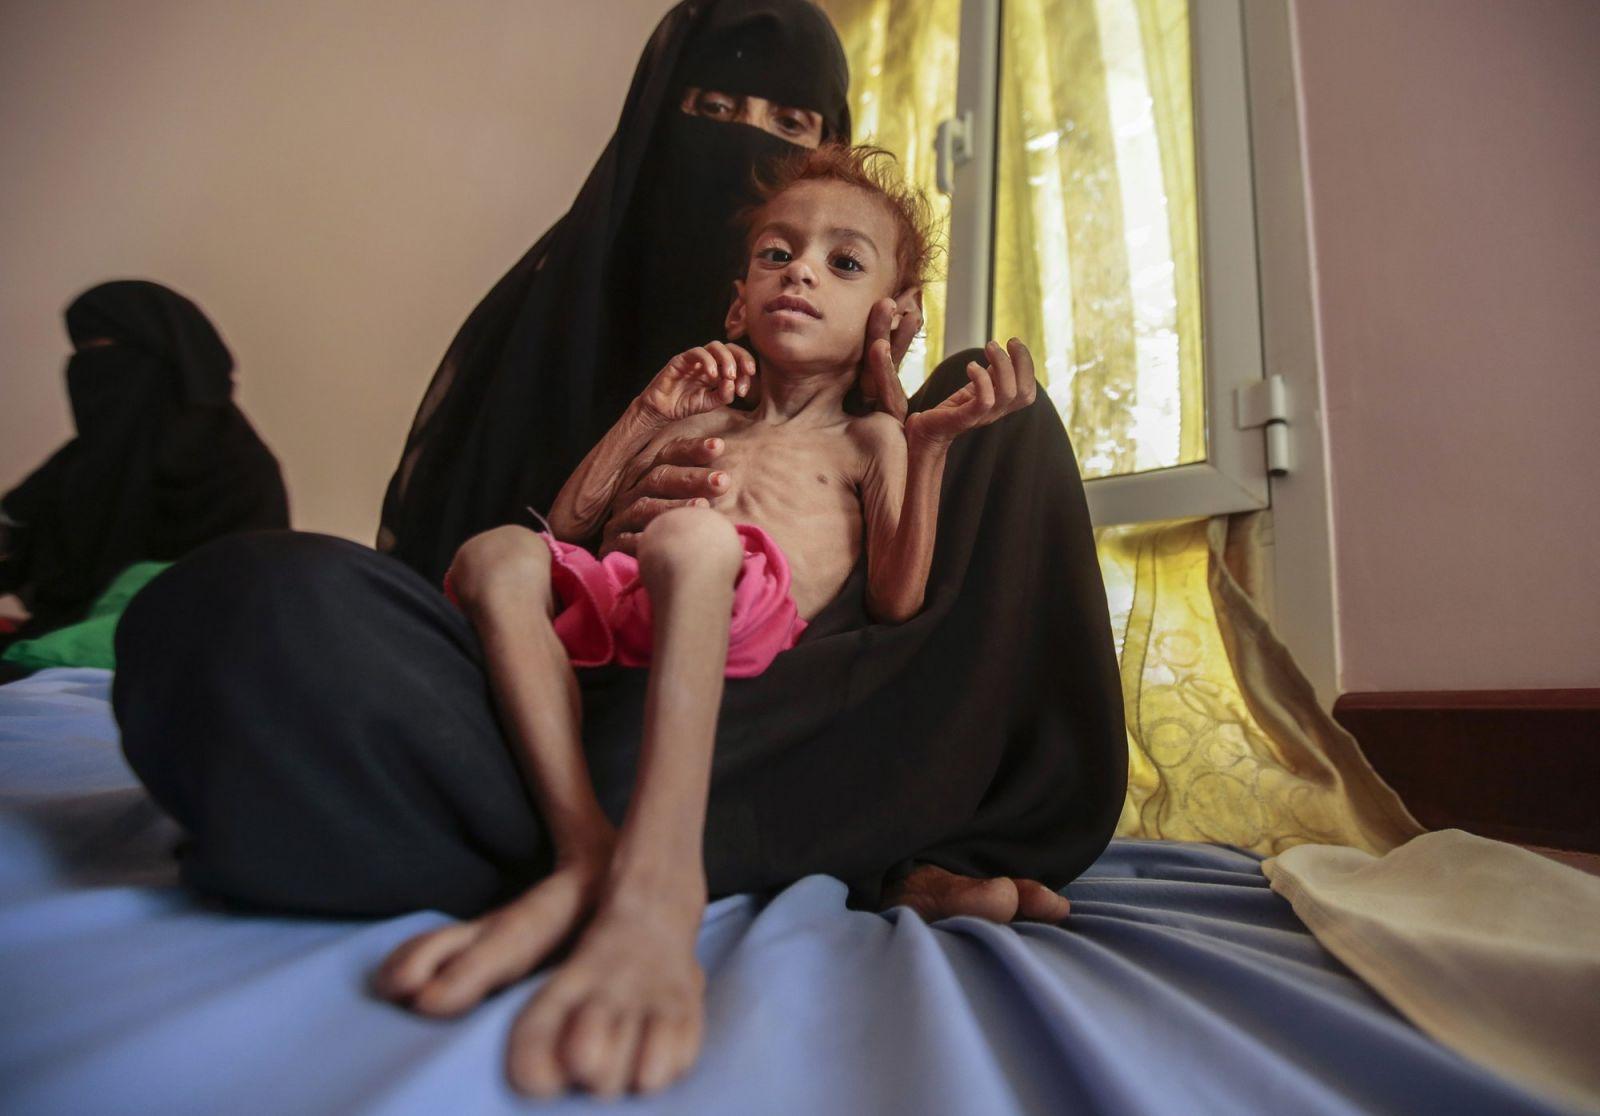 Cơn ác mộng chưa có hồi kết ở Yemen